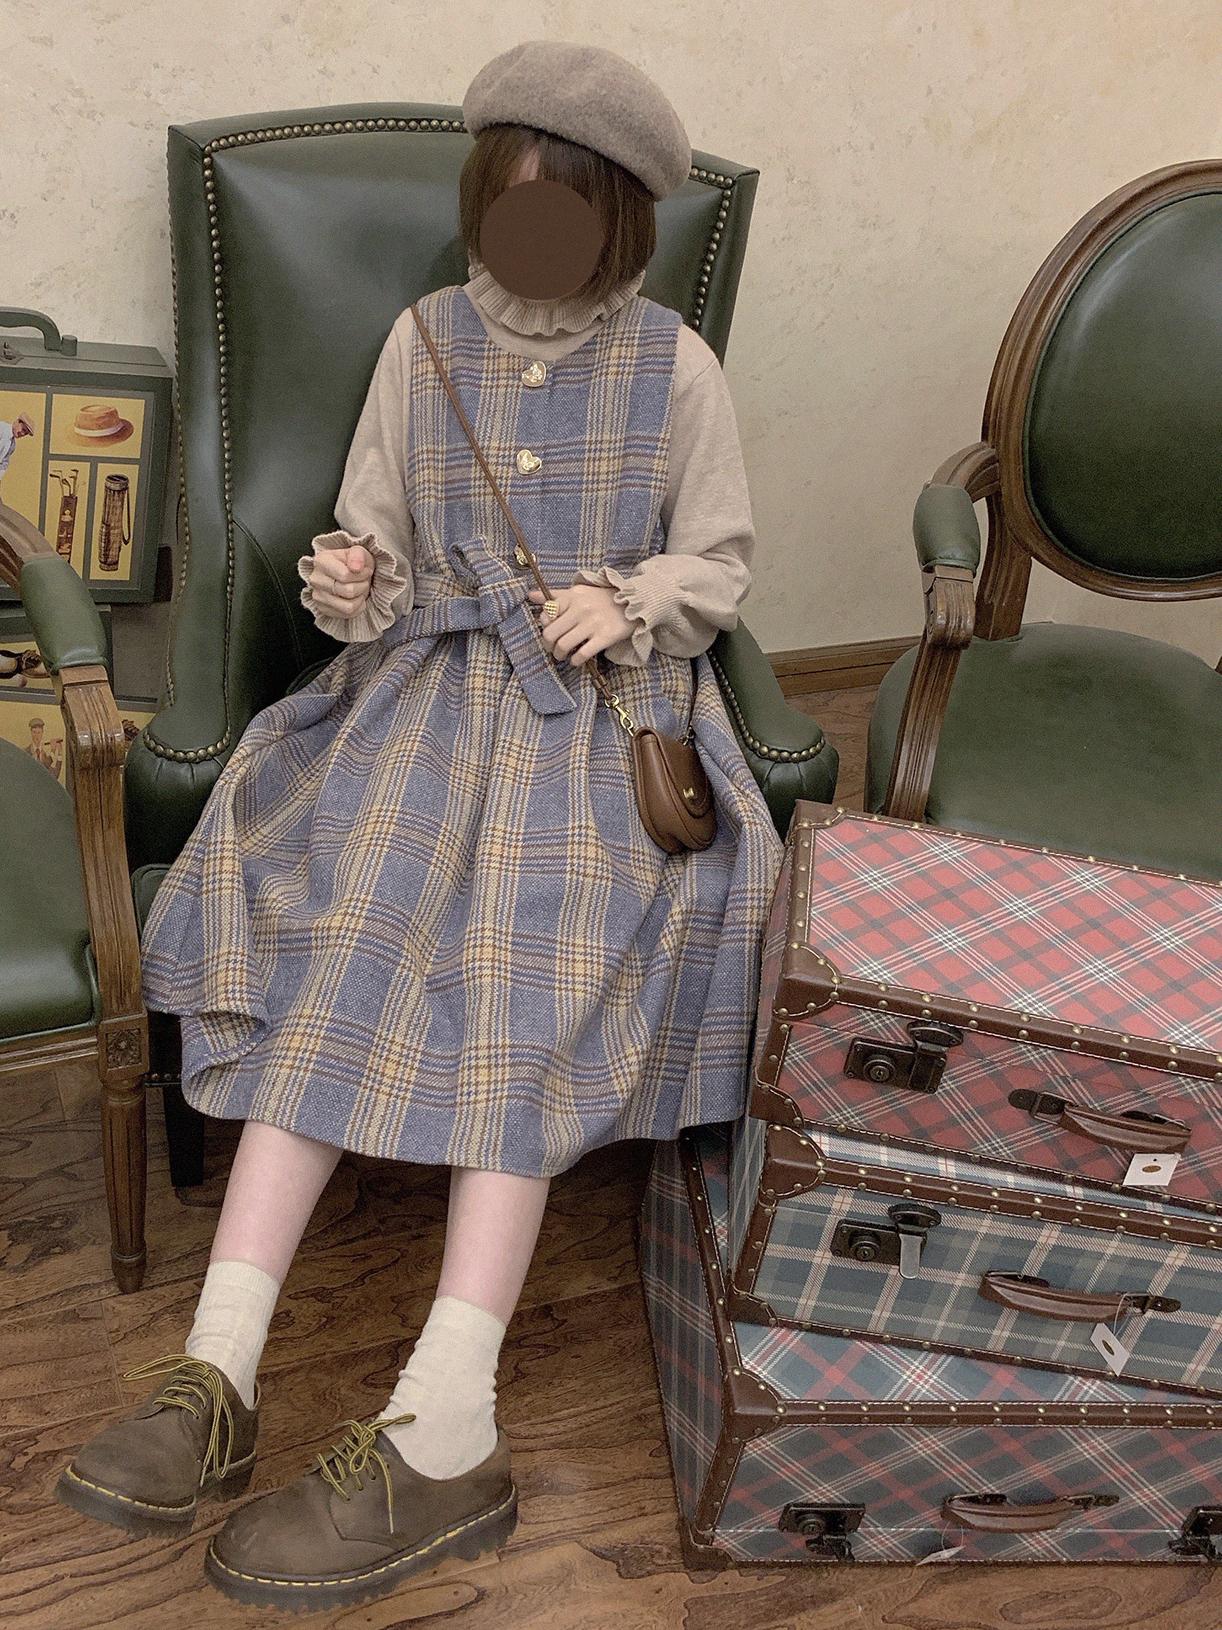 Labeau-双色堇-高腰呢子连衣裙女秋冬复古可爱格子刺绣毛呢背带裙